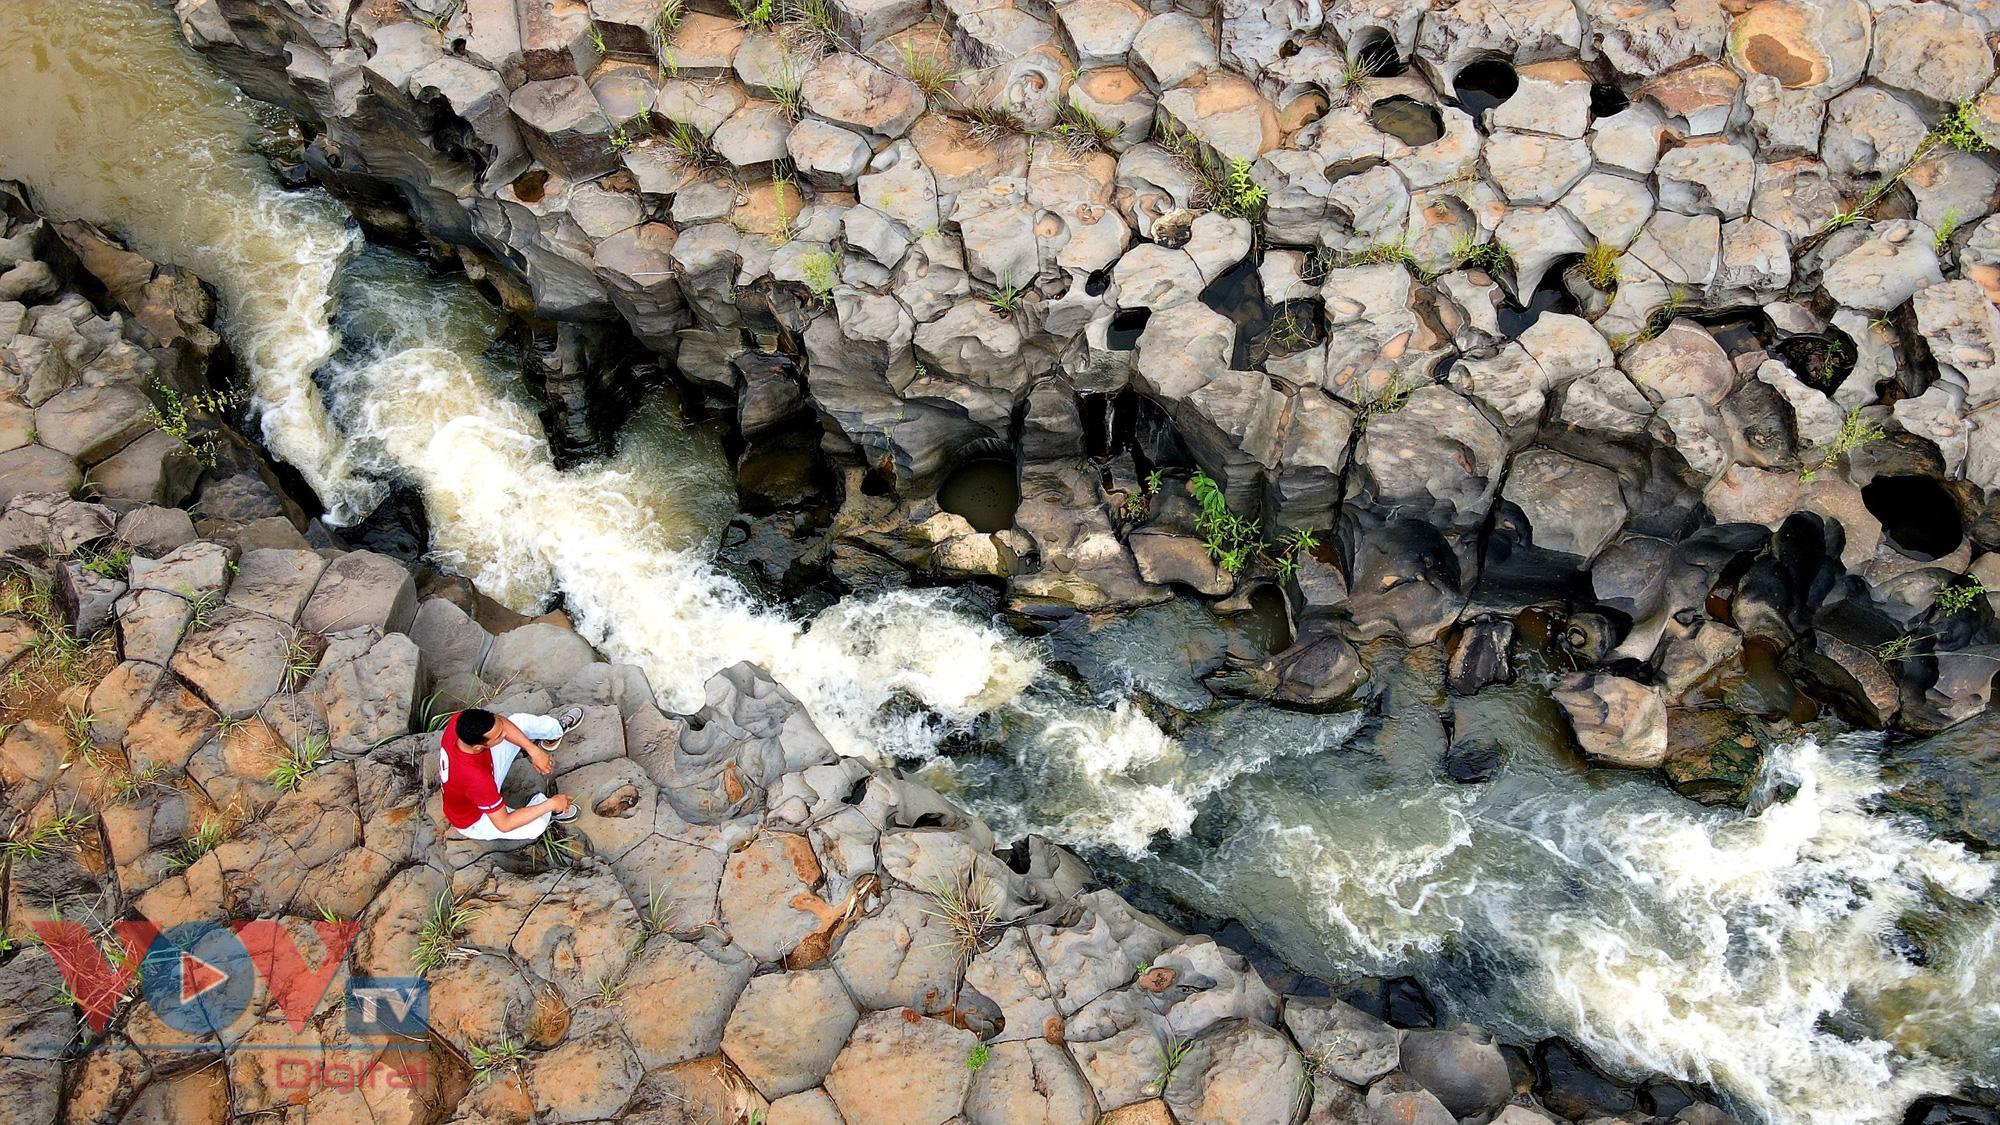 Gia Lai: Mê đắm vẻ đẹp hoang sơ của suối đá núi lửa Ia Ruai - Ảnh 4.